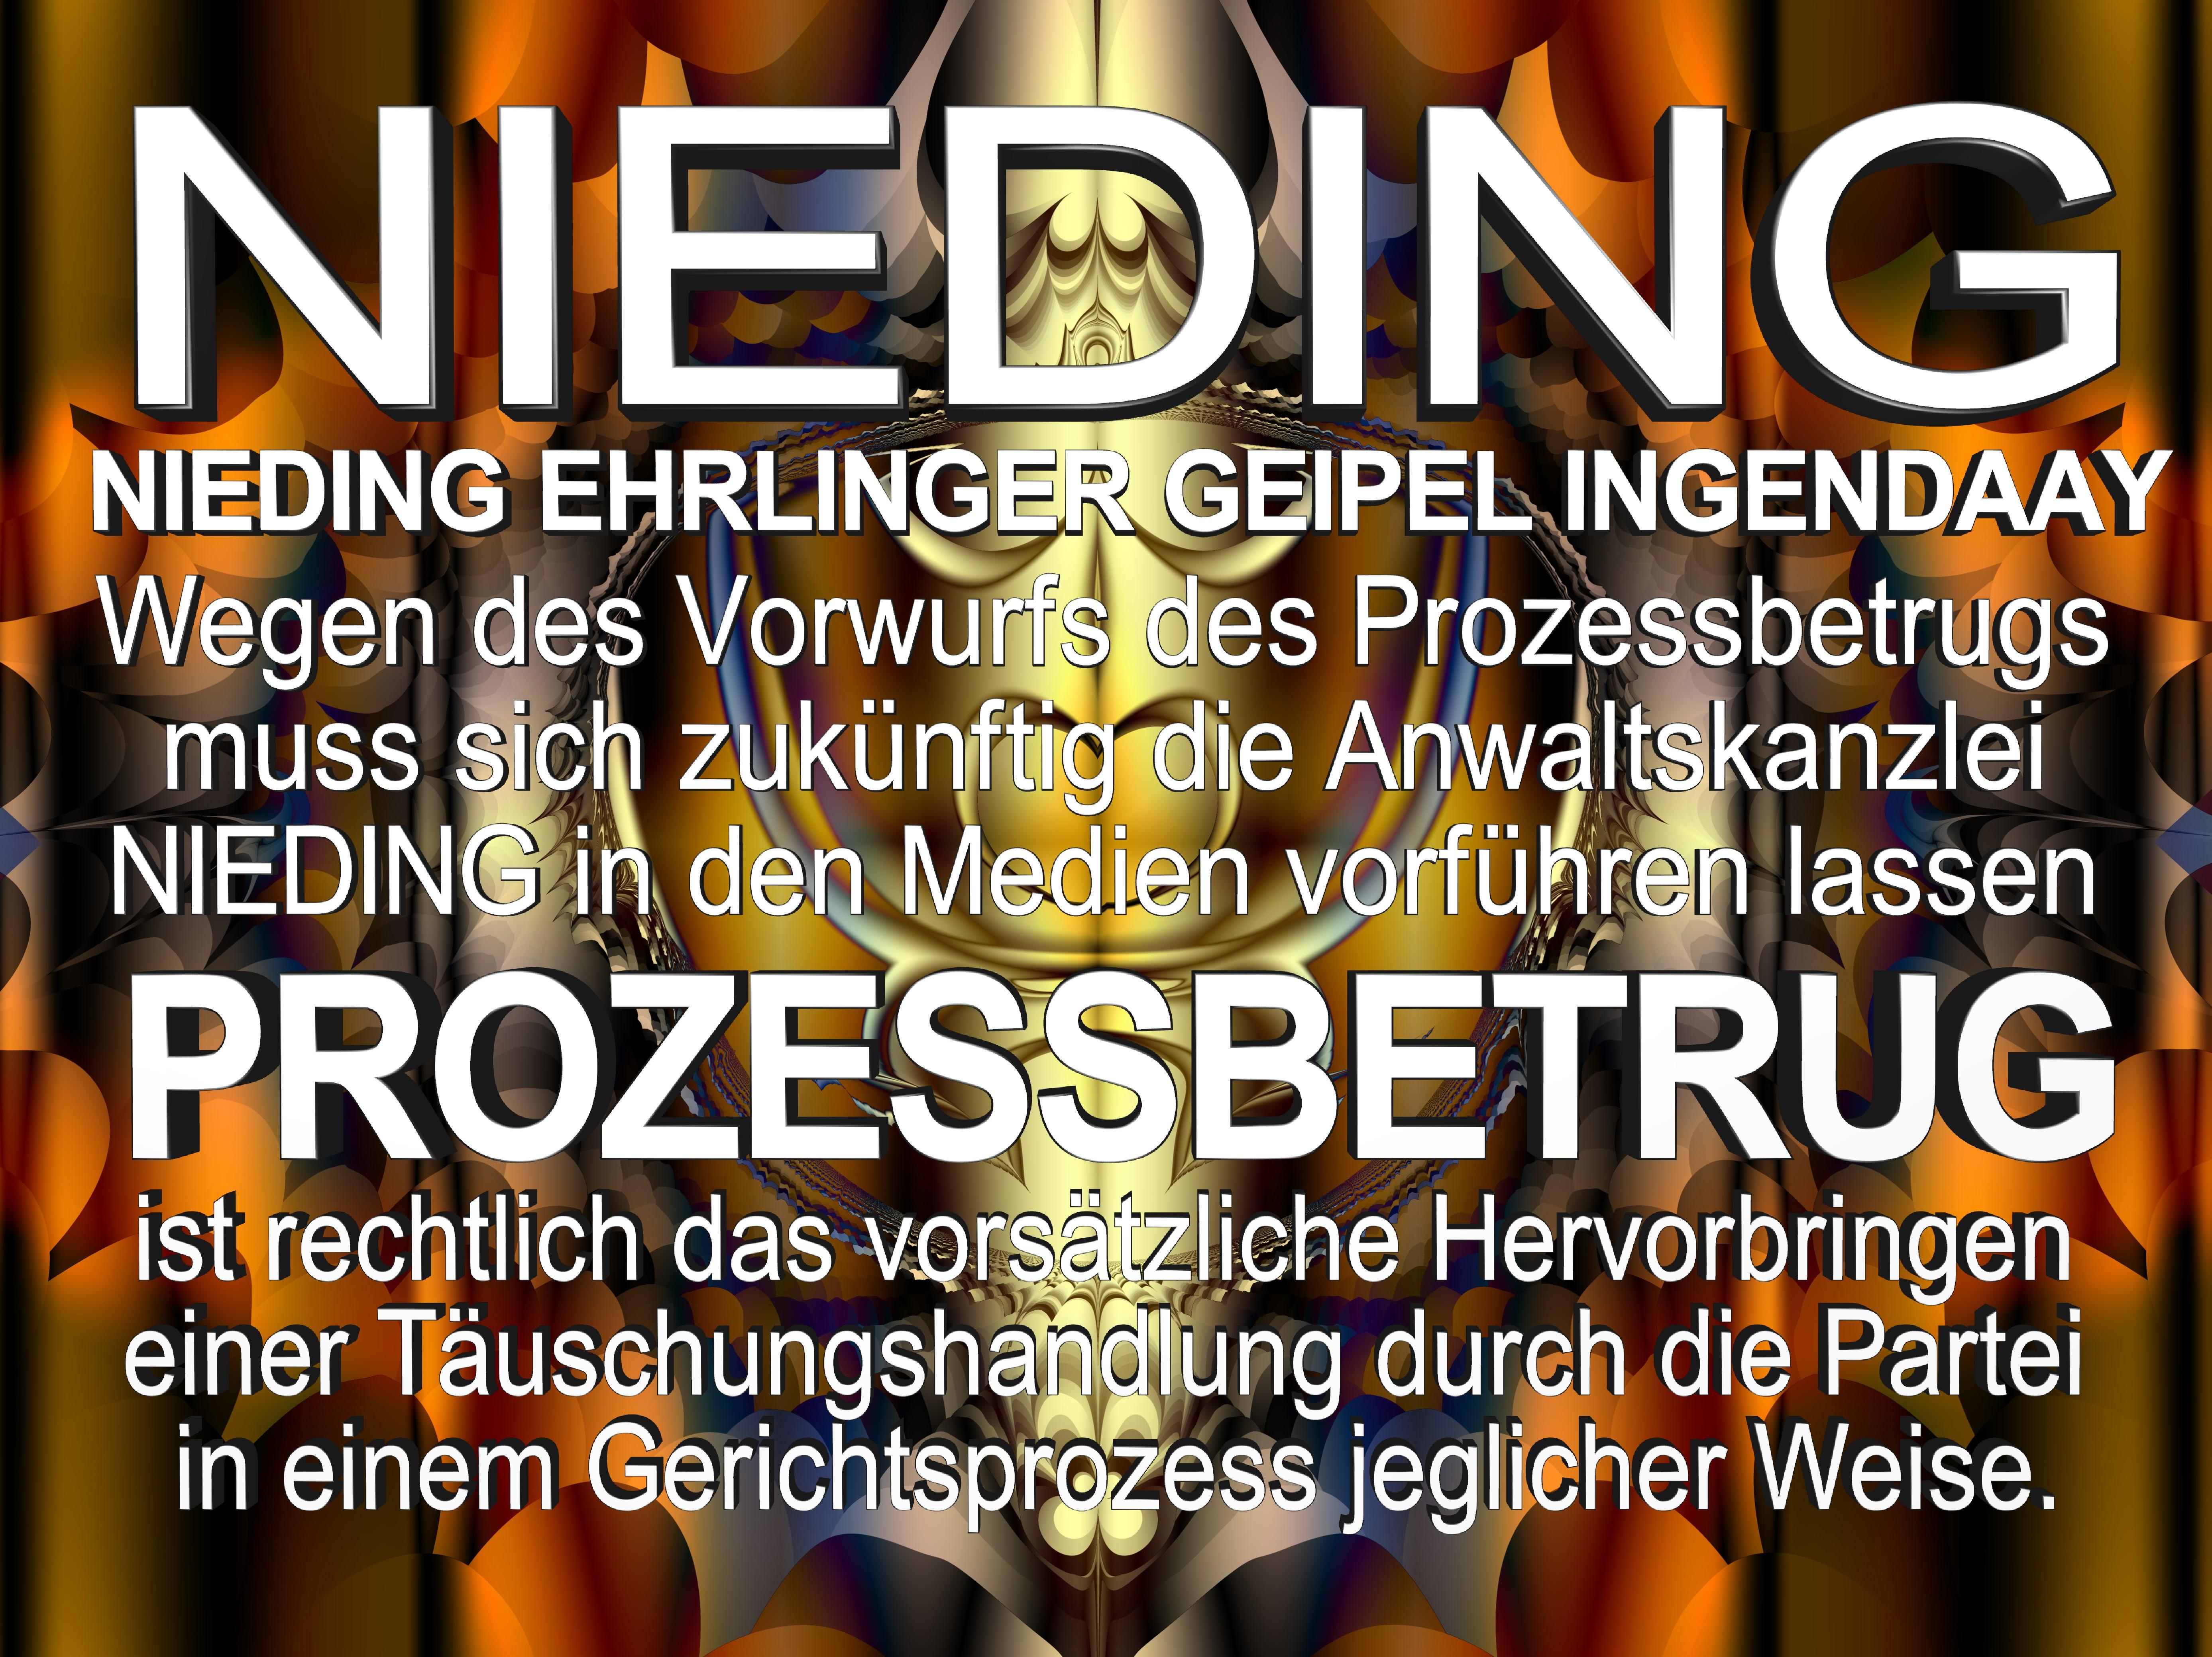 NIEDING EHRLINGER GEIPEL INGENDAAY LELKE Kurfürstendamm 66 Berlin (199)